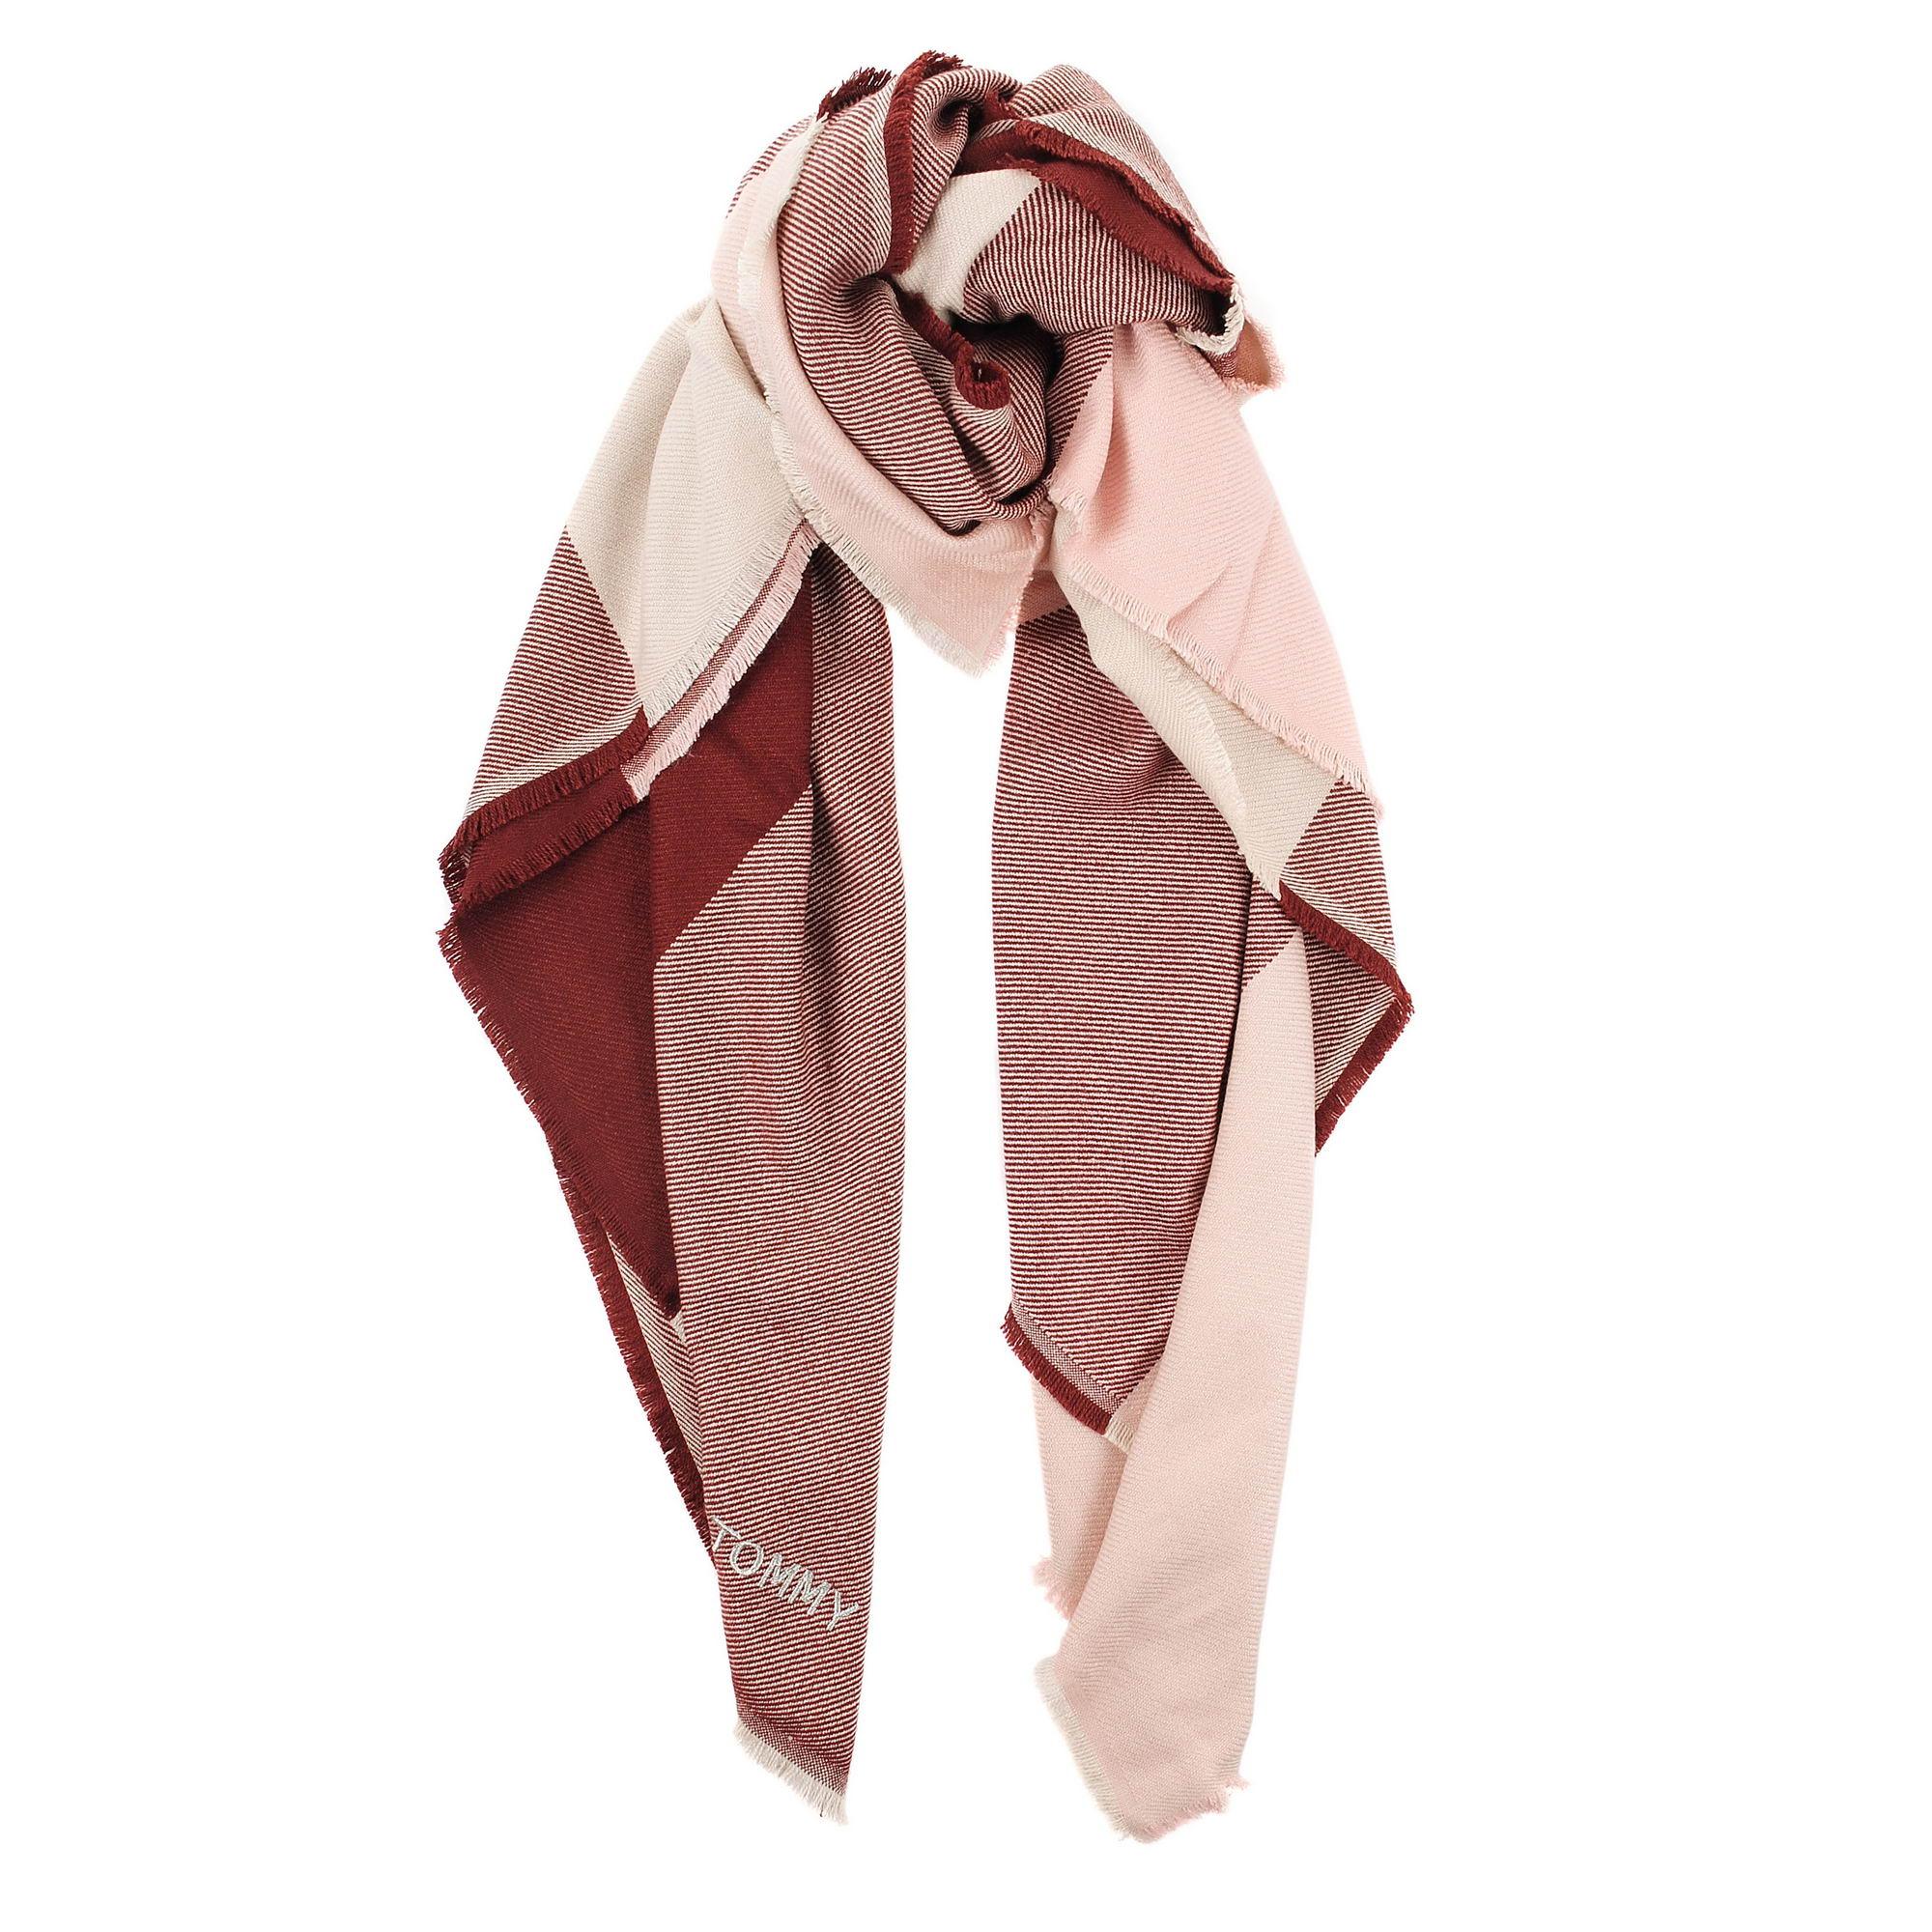 Κασκόλ Tommy Hilfiger Th Blanket AW0AW006006 γυναικα   κασκόλ